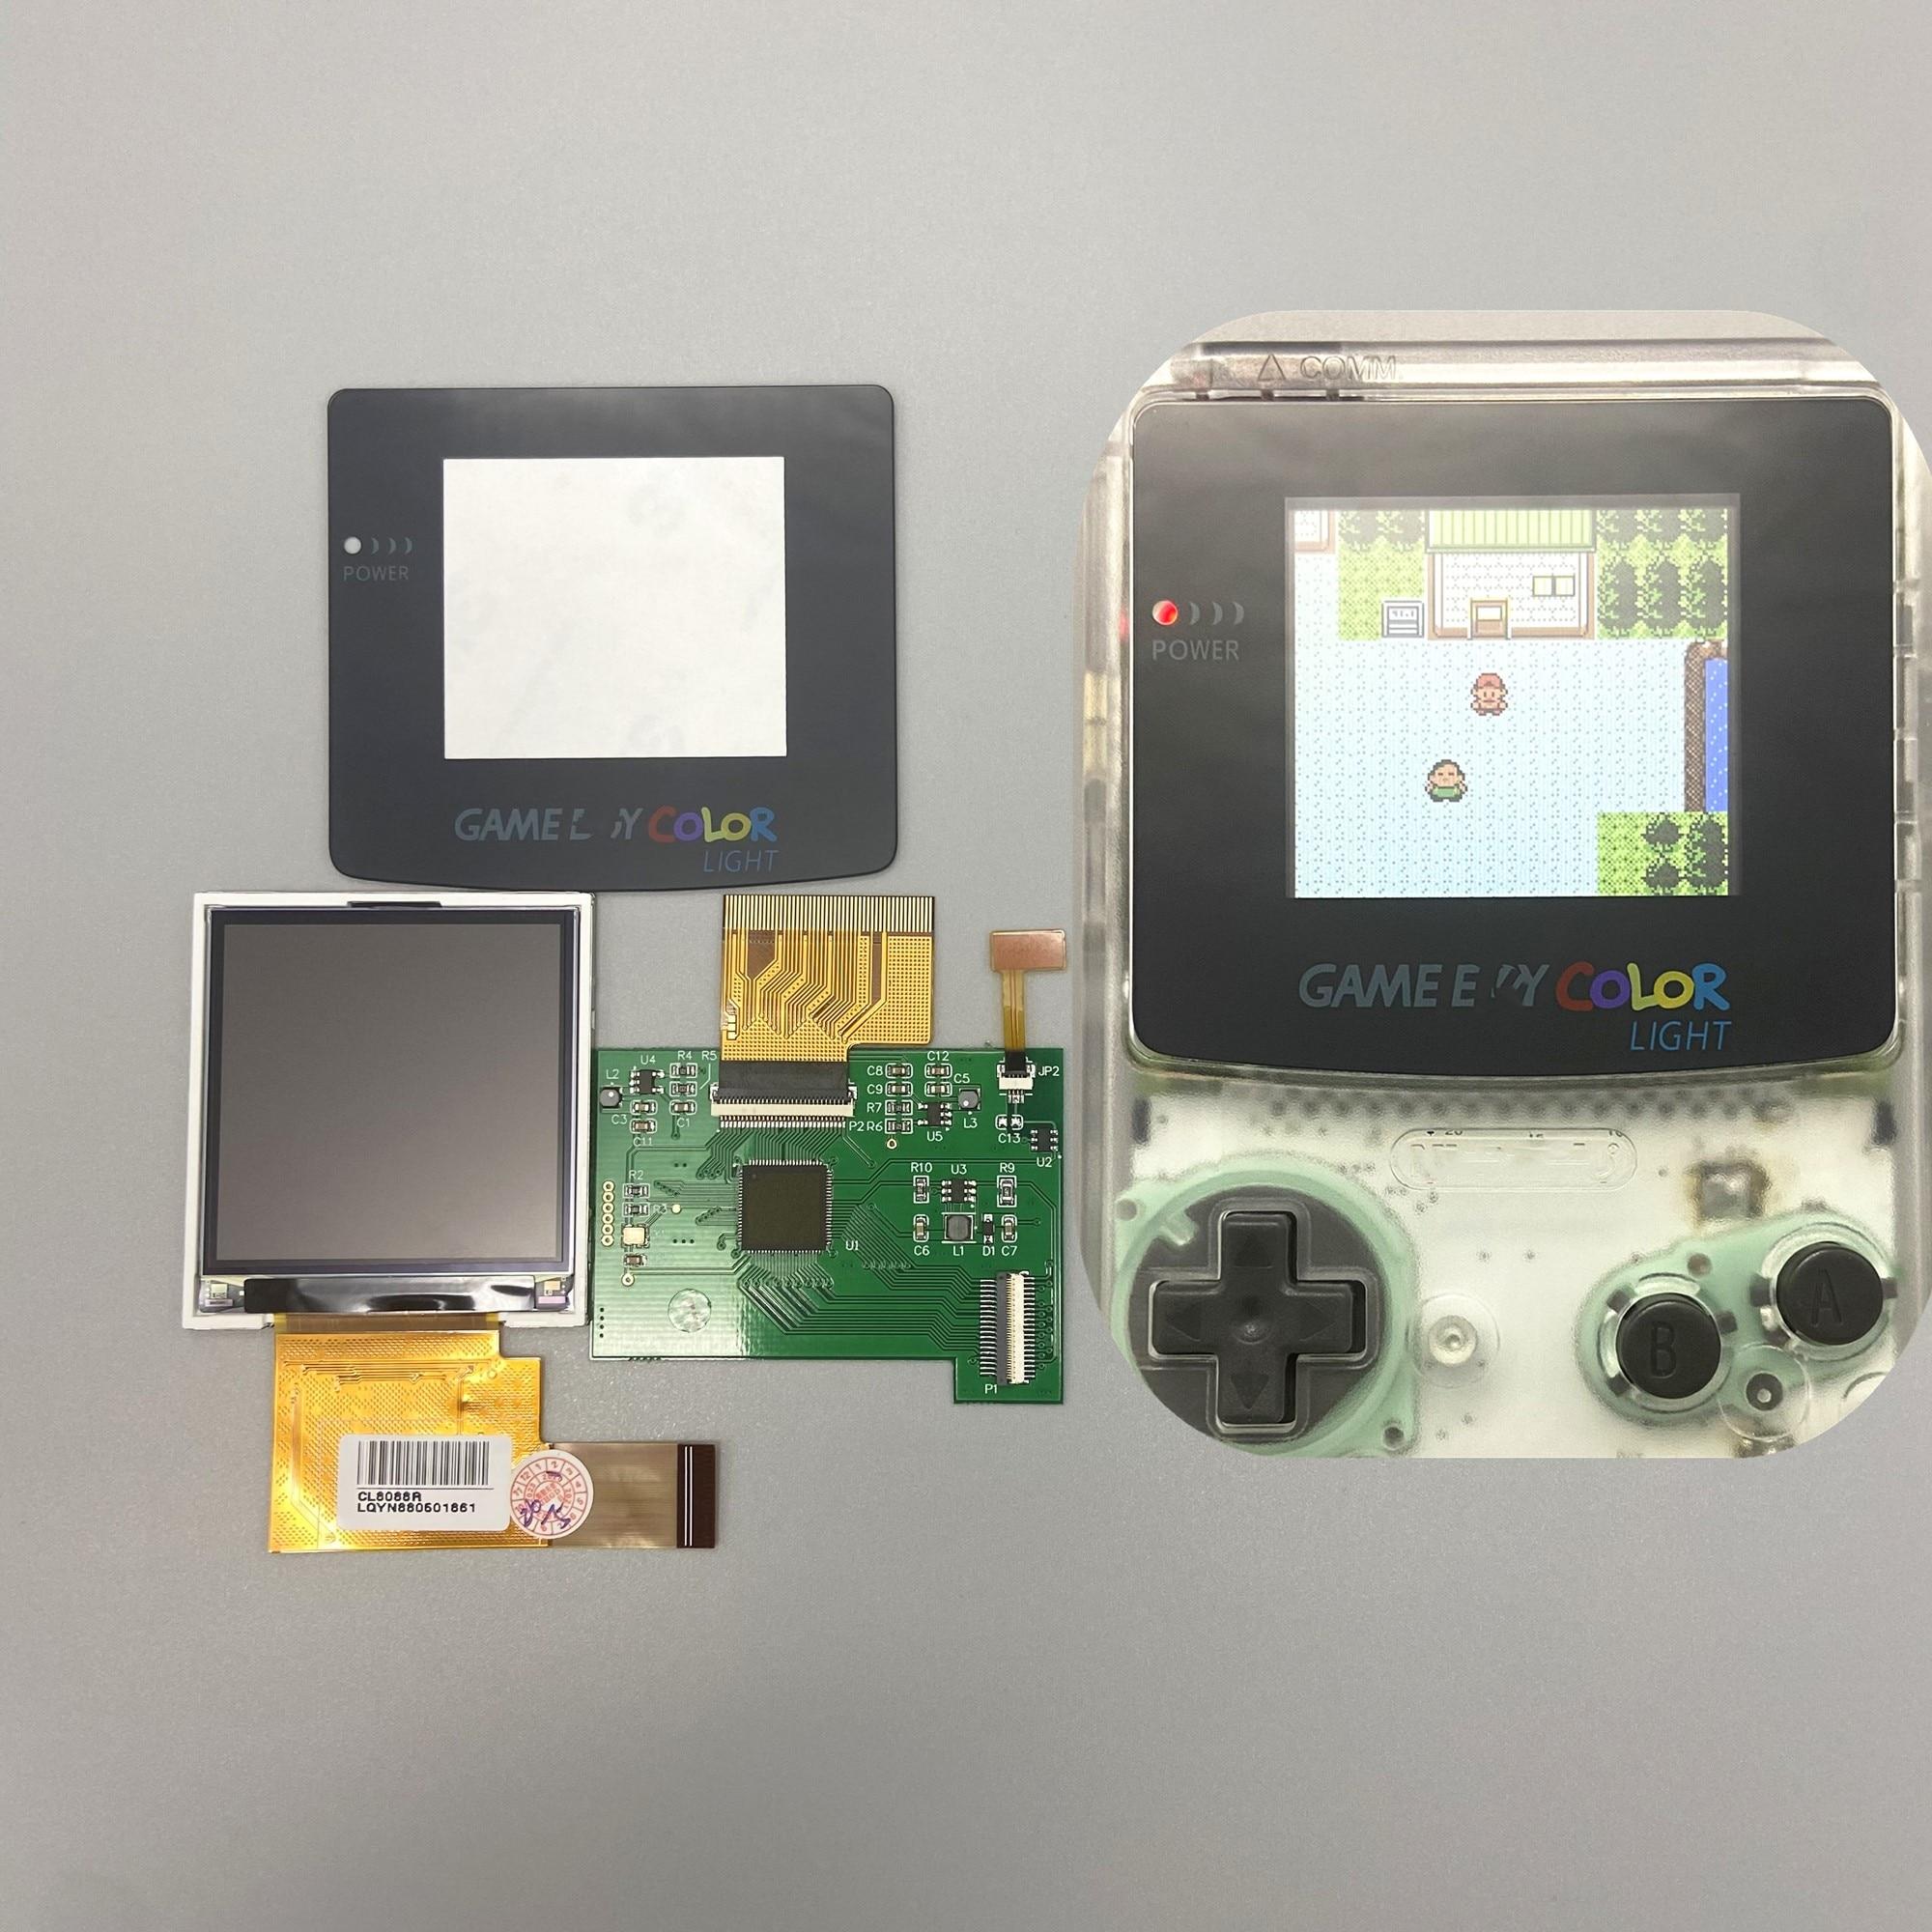 شاشة LCD عالية السطوع 2.2 بوصة لـ Gameboy COLOR GBC ، التوصيل والتشغيل بدون لحام وقطع الغلاف